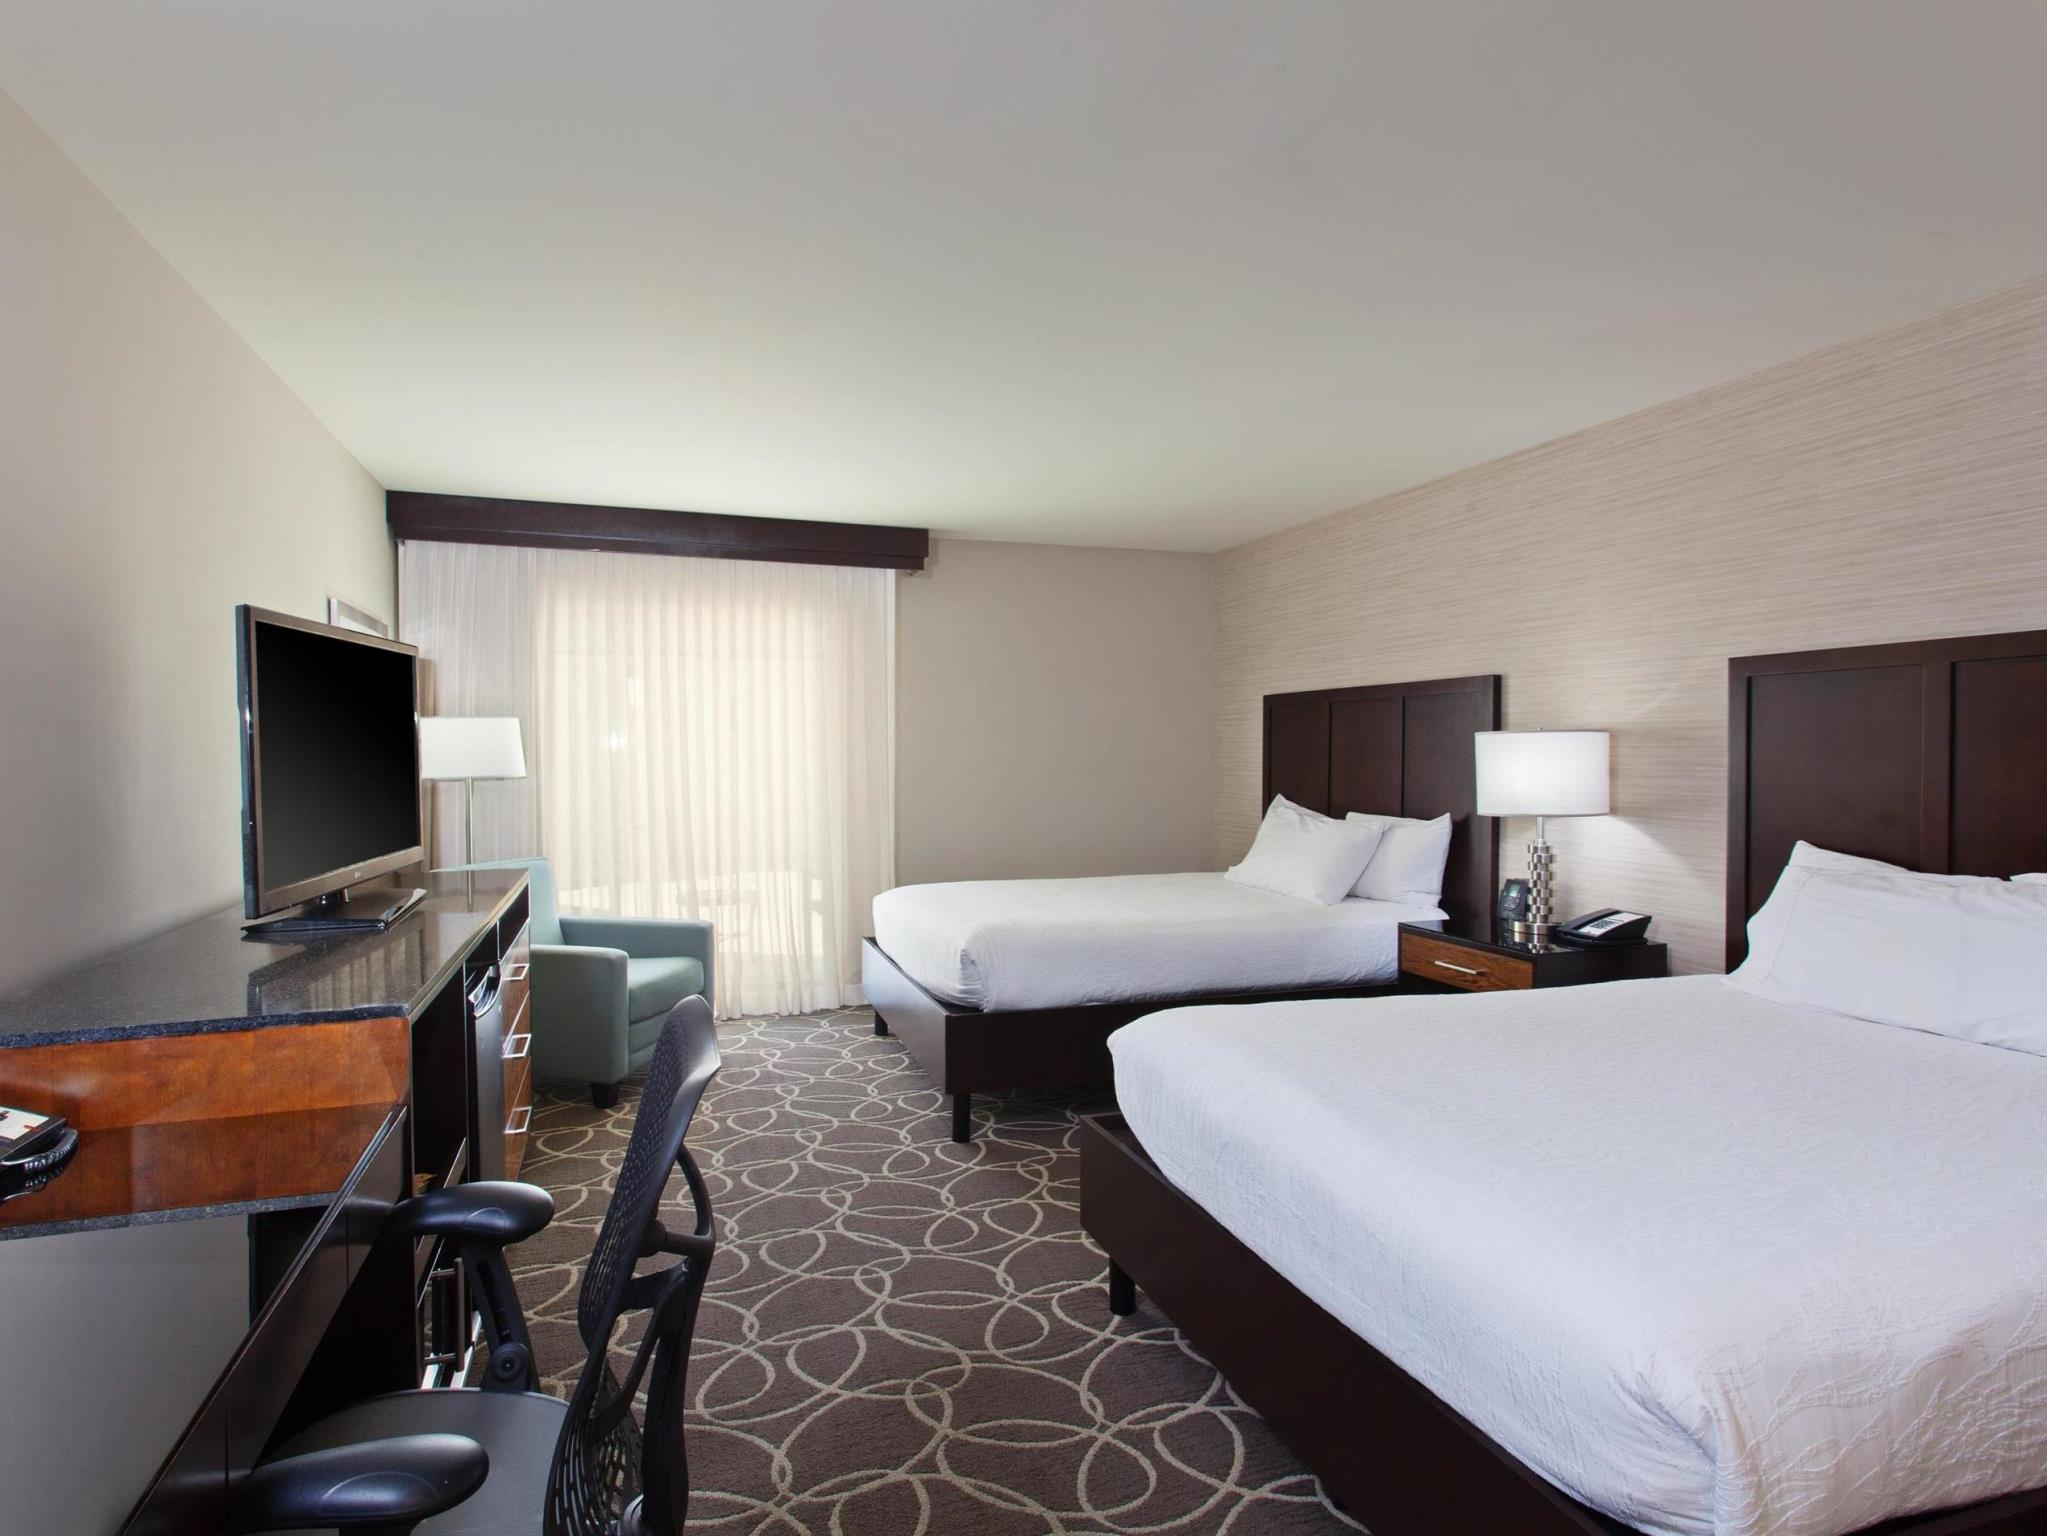 洛杉磯(CA) 瑪麗安德爾希爾頓花園酒店 (Hilton Garden Inn Marina Del Rey)_舒適型_預訂優惠價格_地址位置_聯系方式